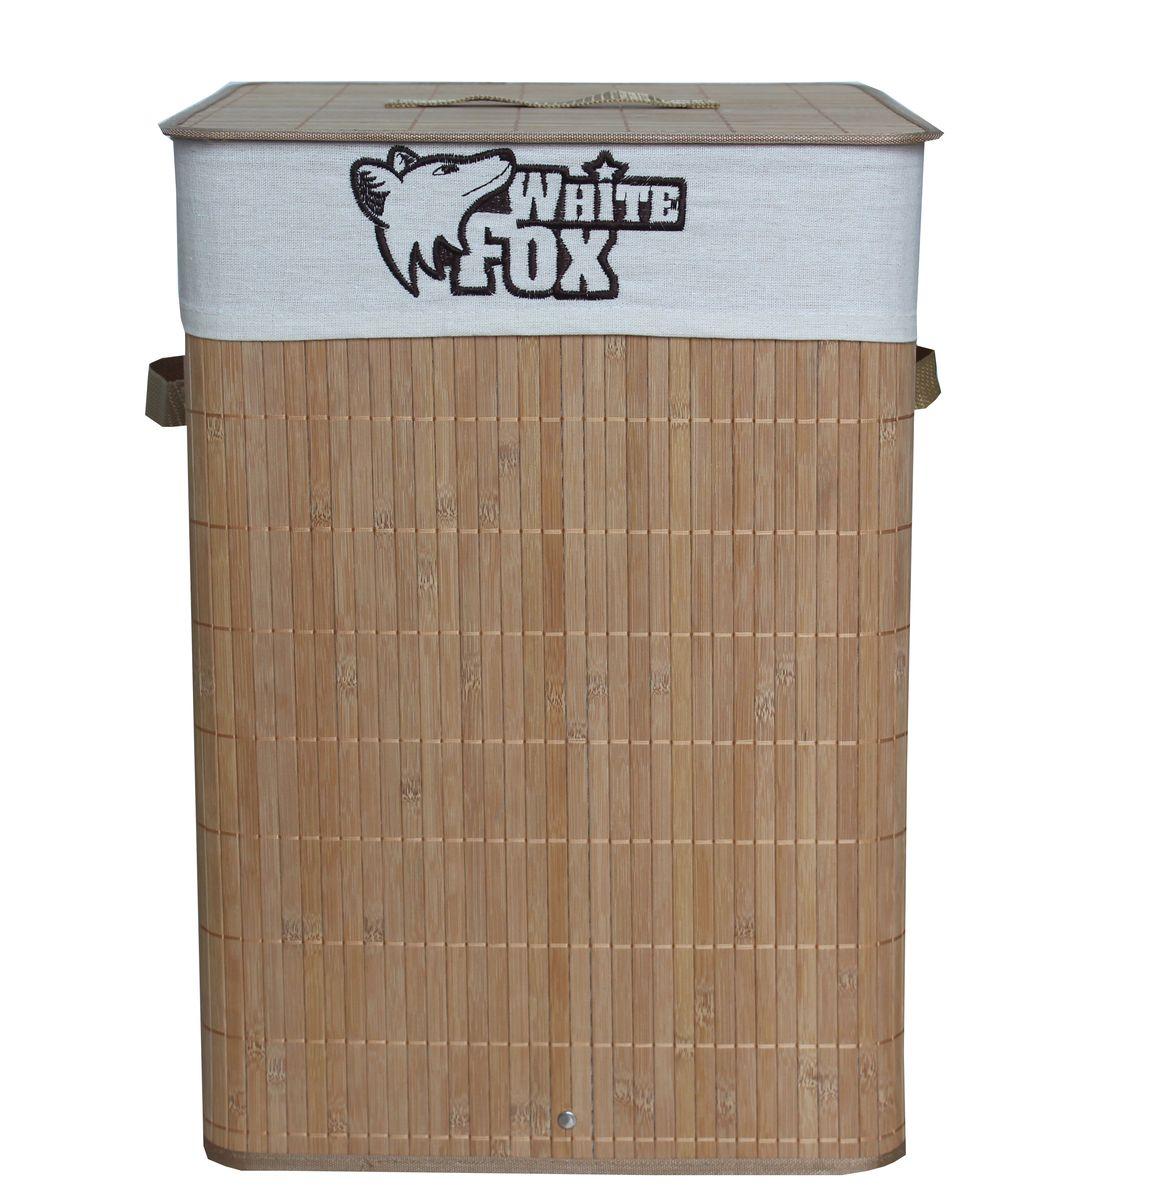 Корзина для белья White Fox Bamboo Standart, квадратнаяWBLA10-214Корзина для белья White Fox BAMBOO Standart предназначена для организации и хранения белья. Съемный чехол можно стирать в стиральной машине при деликатной стирке. Удобные ручки помогут перемещать корзину в любое удобное место. Состав: бамбук и текстиль. Размер корзины в собранном виде: 35 х 35 х 50 см.